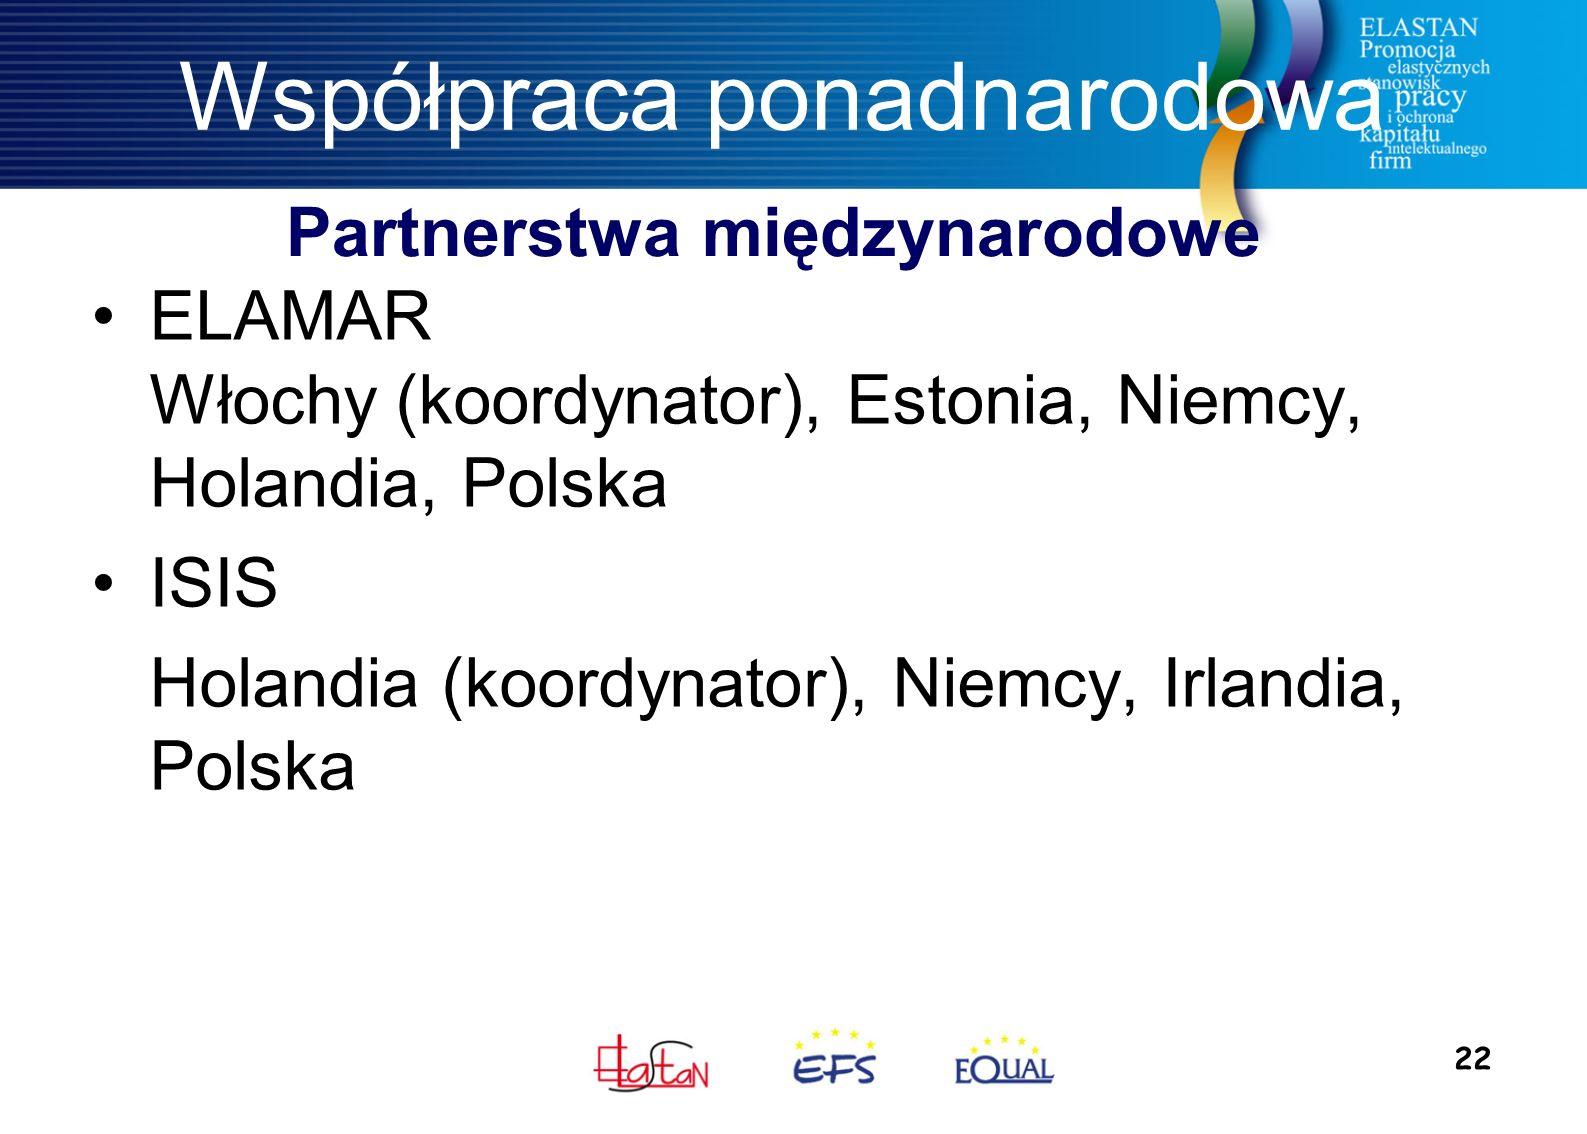 22 Współpraca ponadnarodowa ELAMAR Włochy (koordynator), Estonia, Niemcy, Holandia, Polska ISIS Holandia (koordynator), Niemcy, Irlandia, Polska Partn